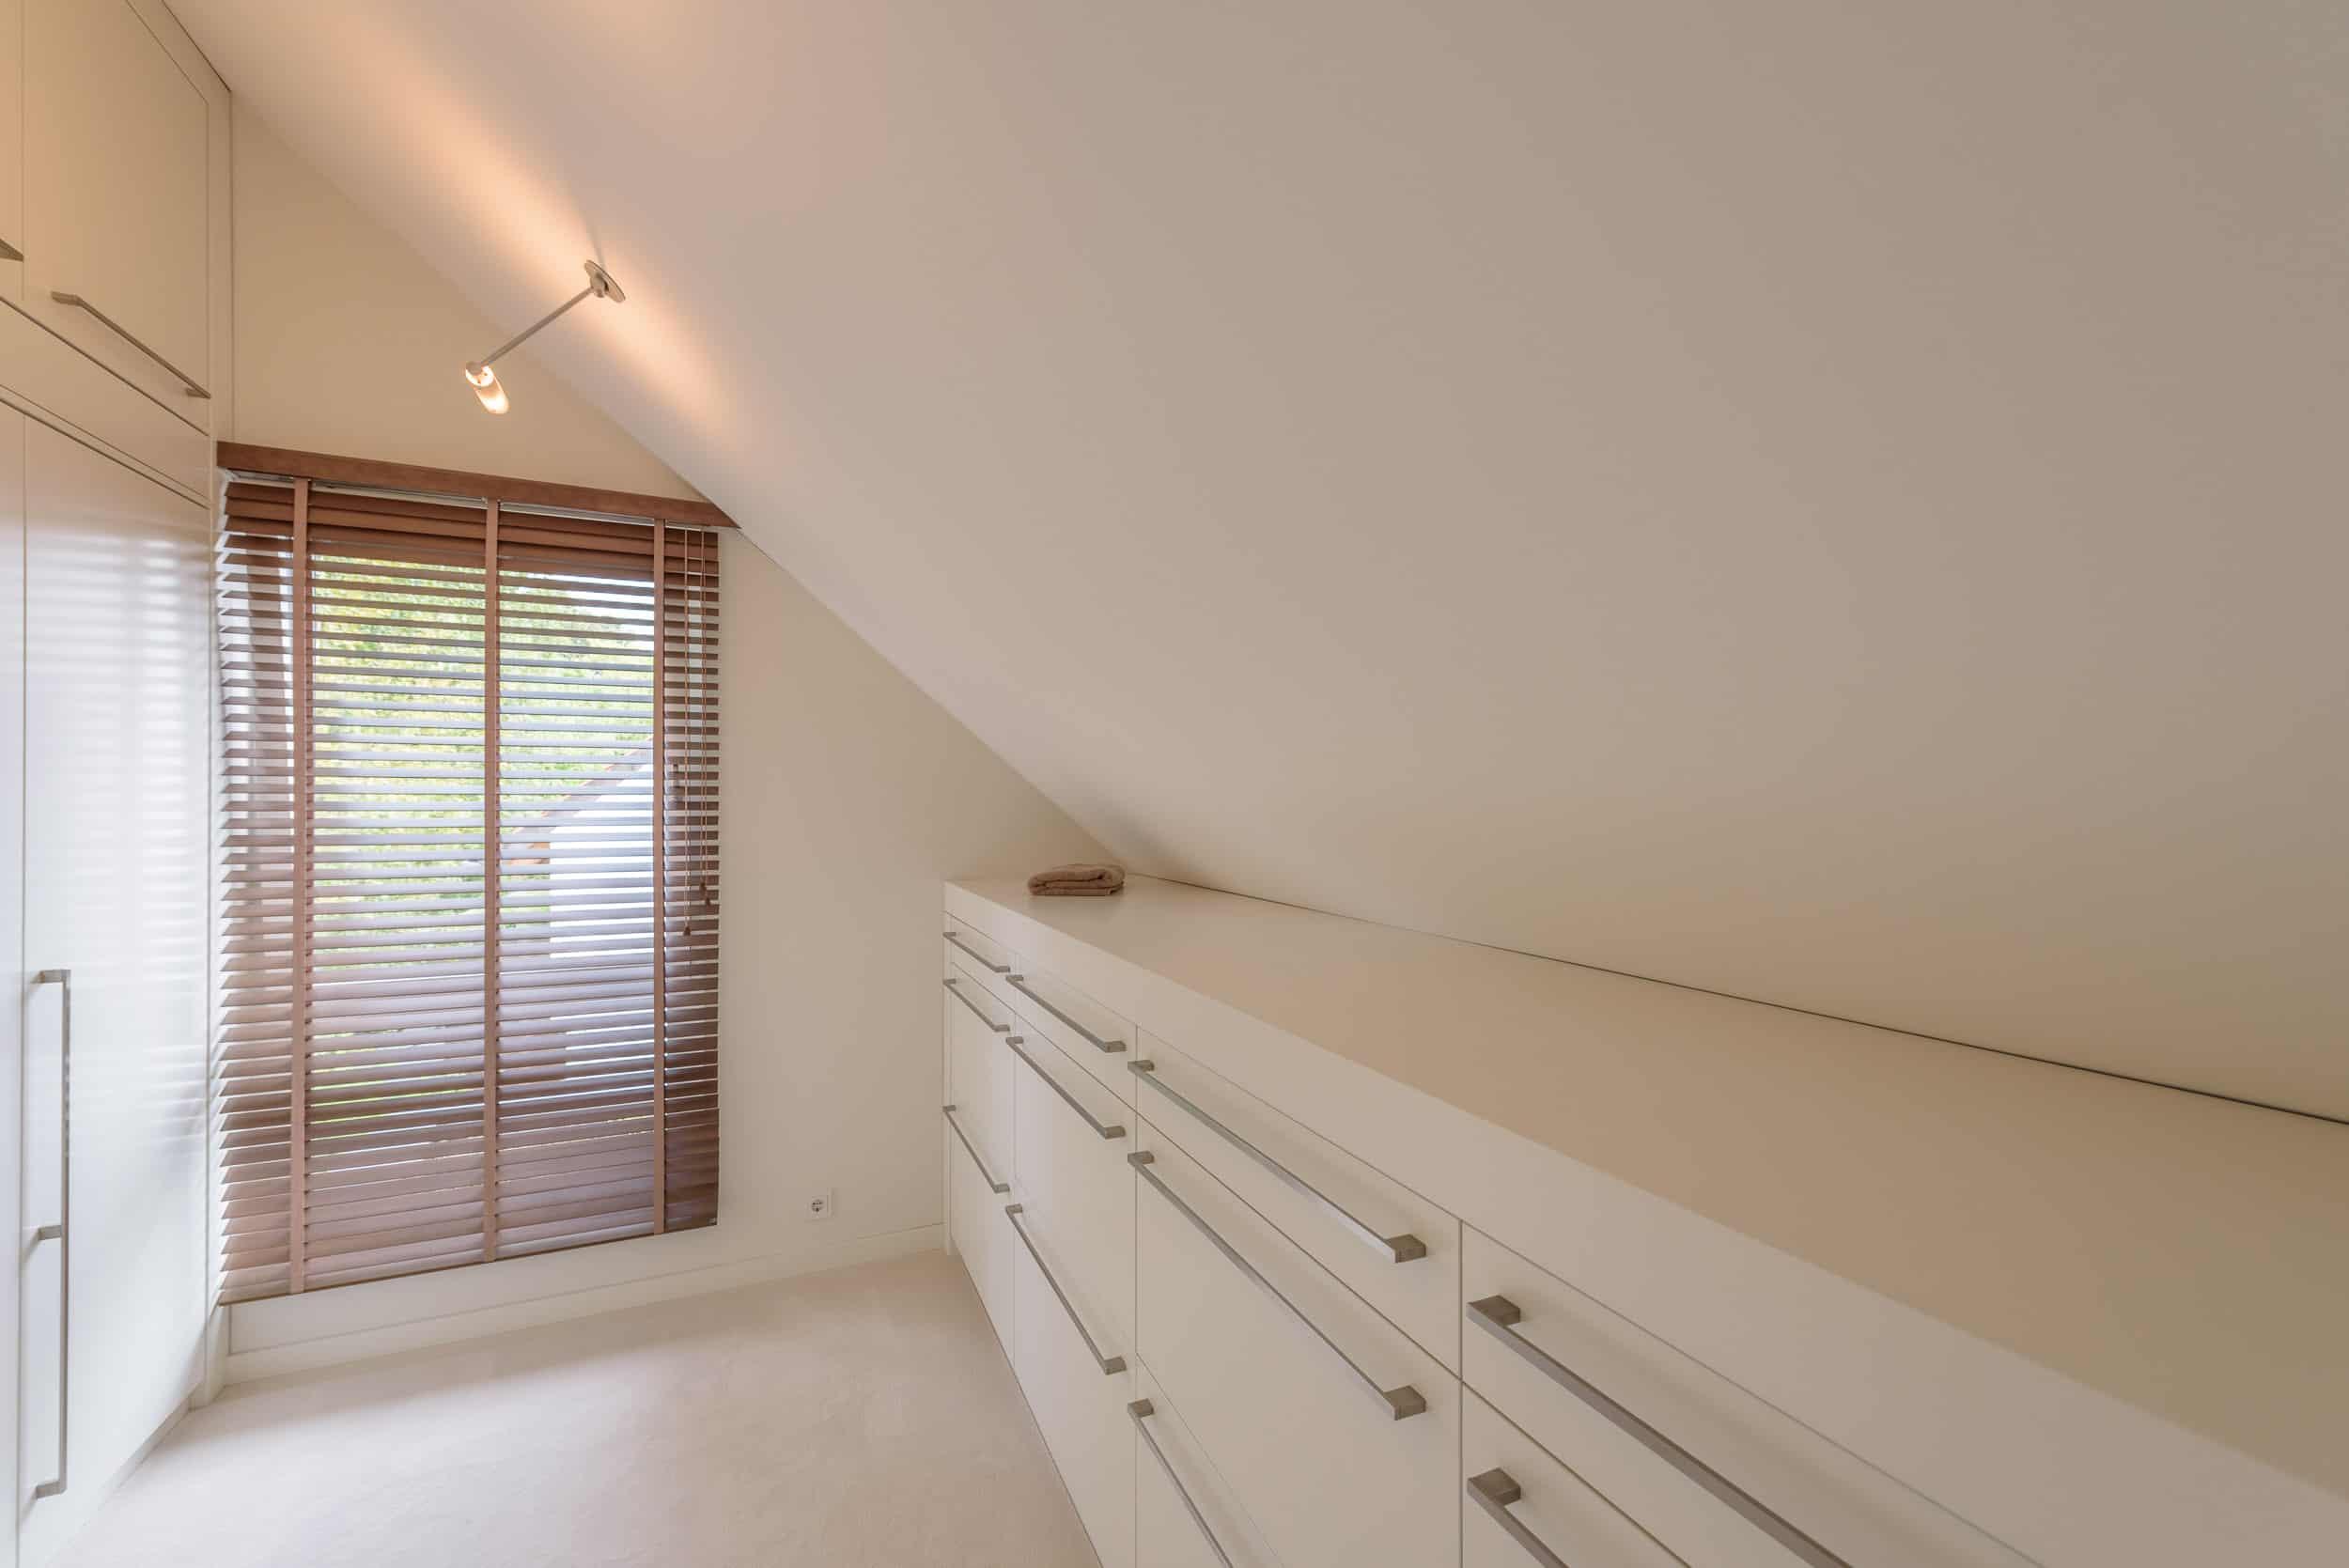 Ein komplettes Zimmer für die Ankleide mit stilvollen Einbauschränken und großen Spiegeln